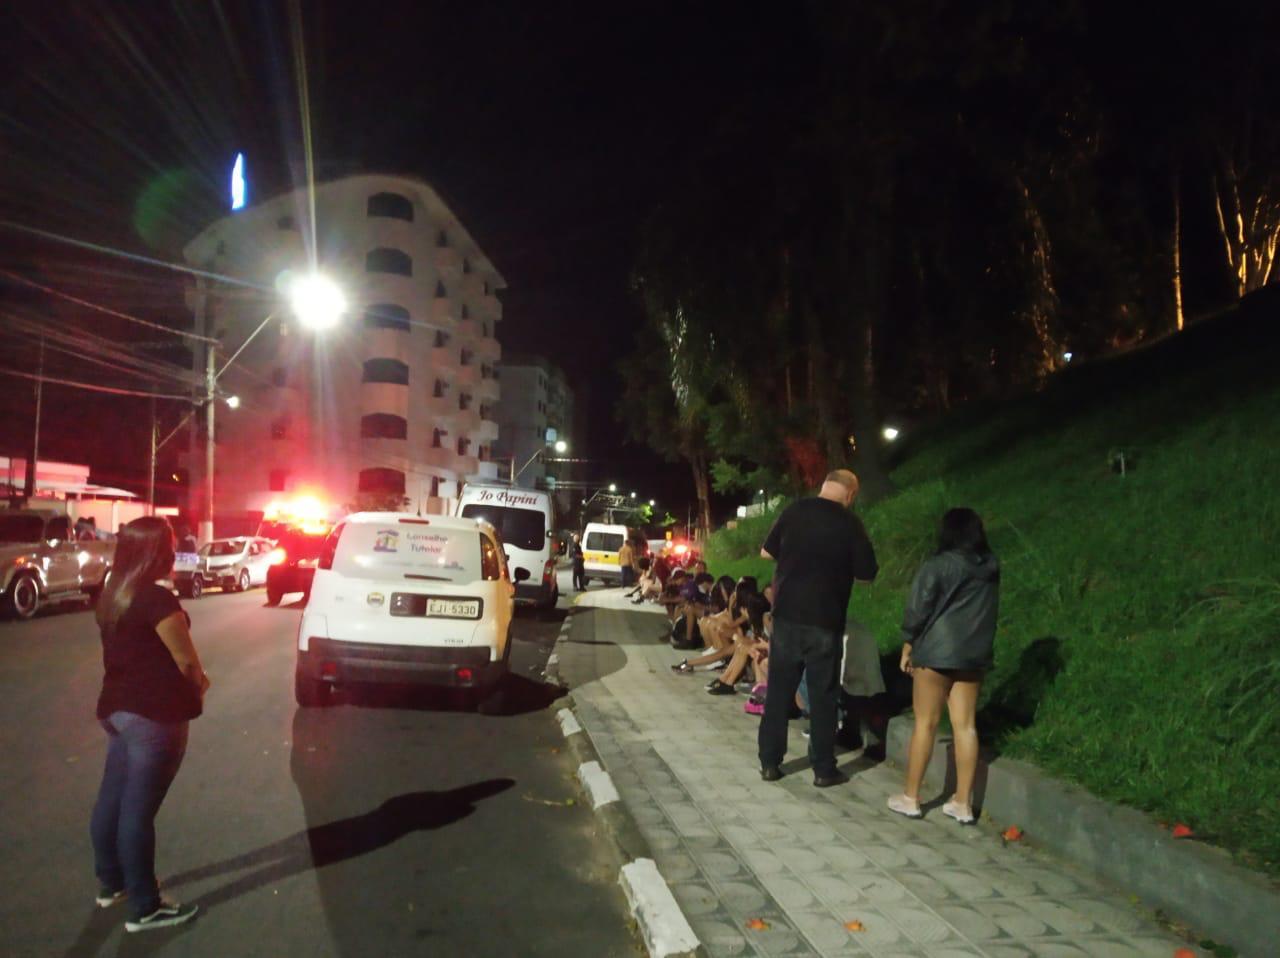 Festa clandestina é fechada no bairro da Ramalhada